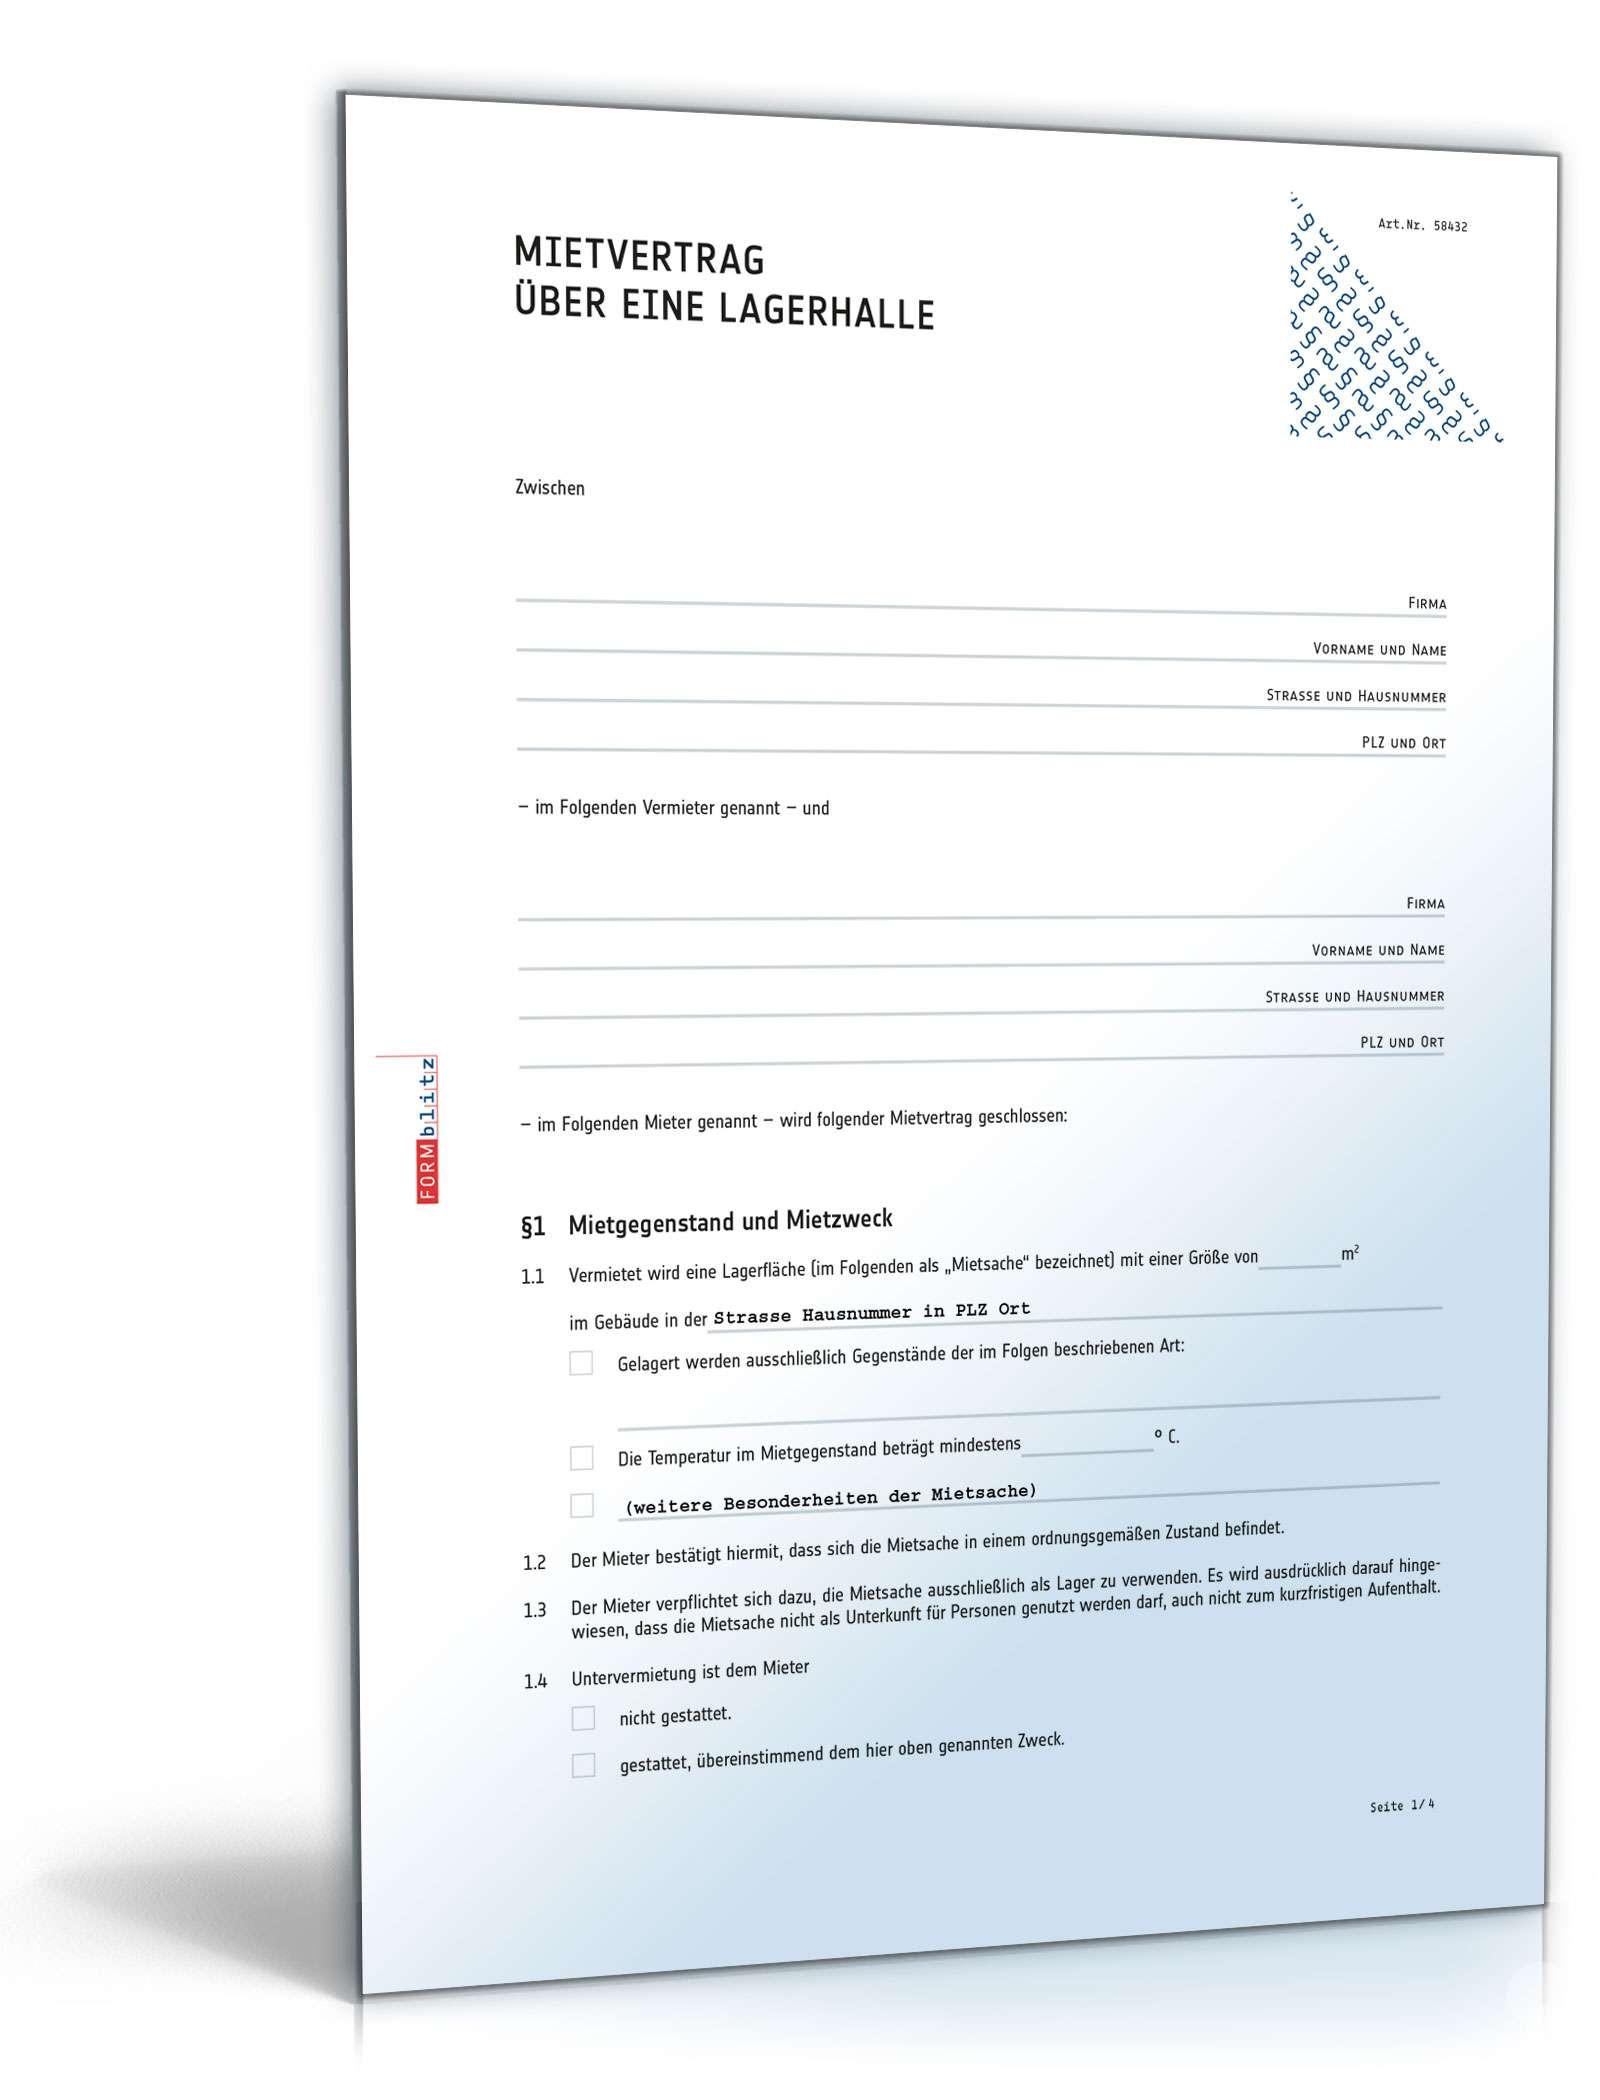 Mietvertrag über eine Lagerhalle Dokument zum Download